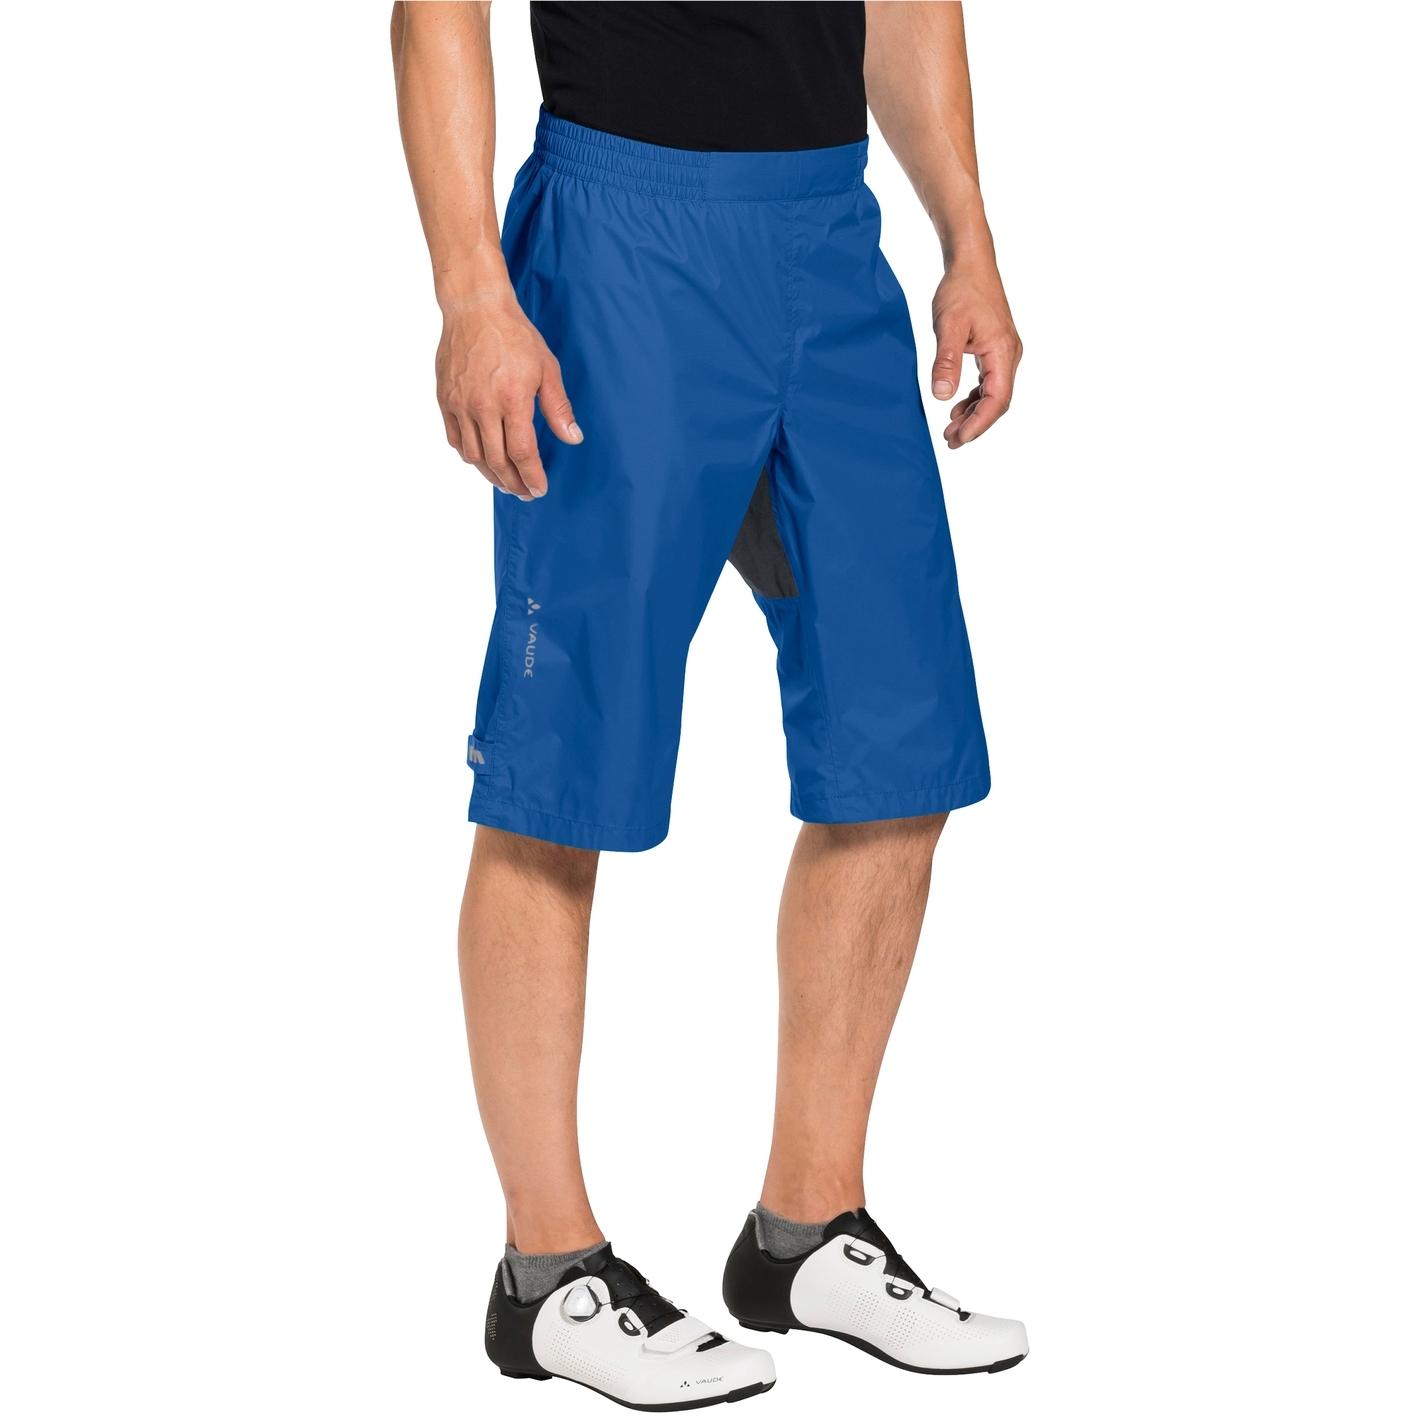 Bild von Vaude Drop Shorts Rad Regenhose - signal blue